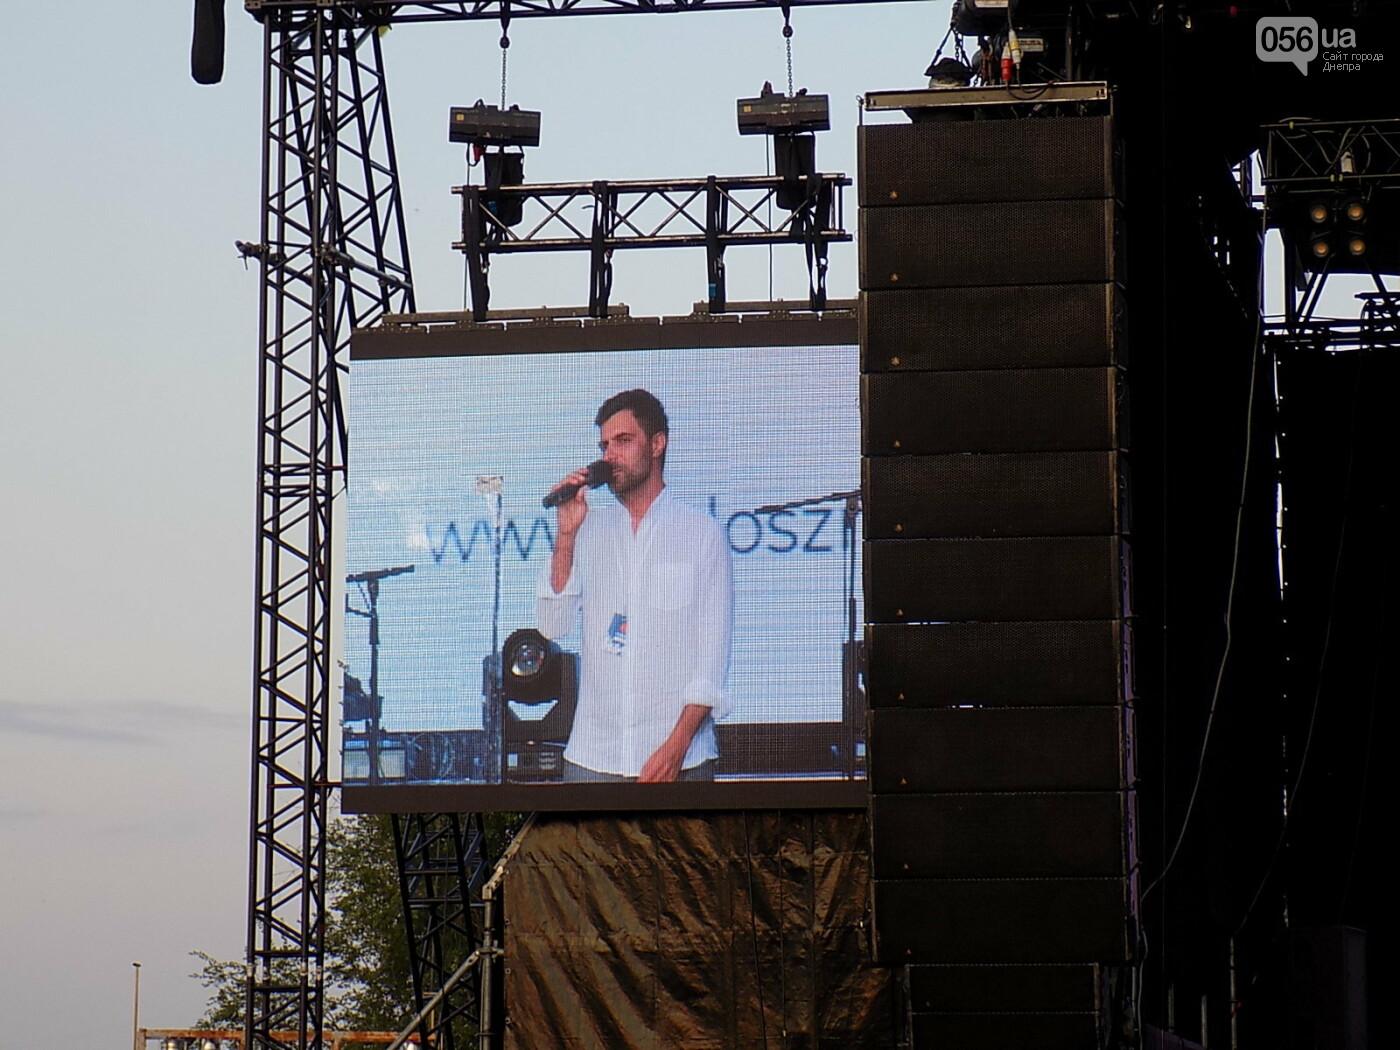 В Днепре прошел концерт группы Океан Эльзы: как это было, - ФОТО, фото-4